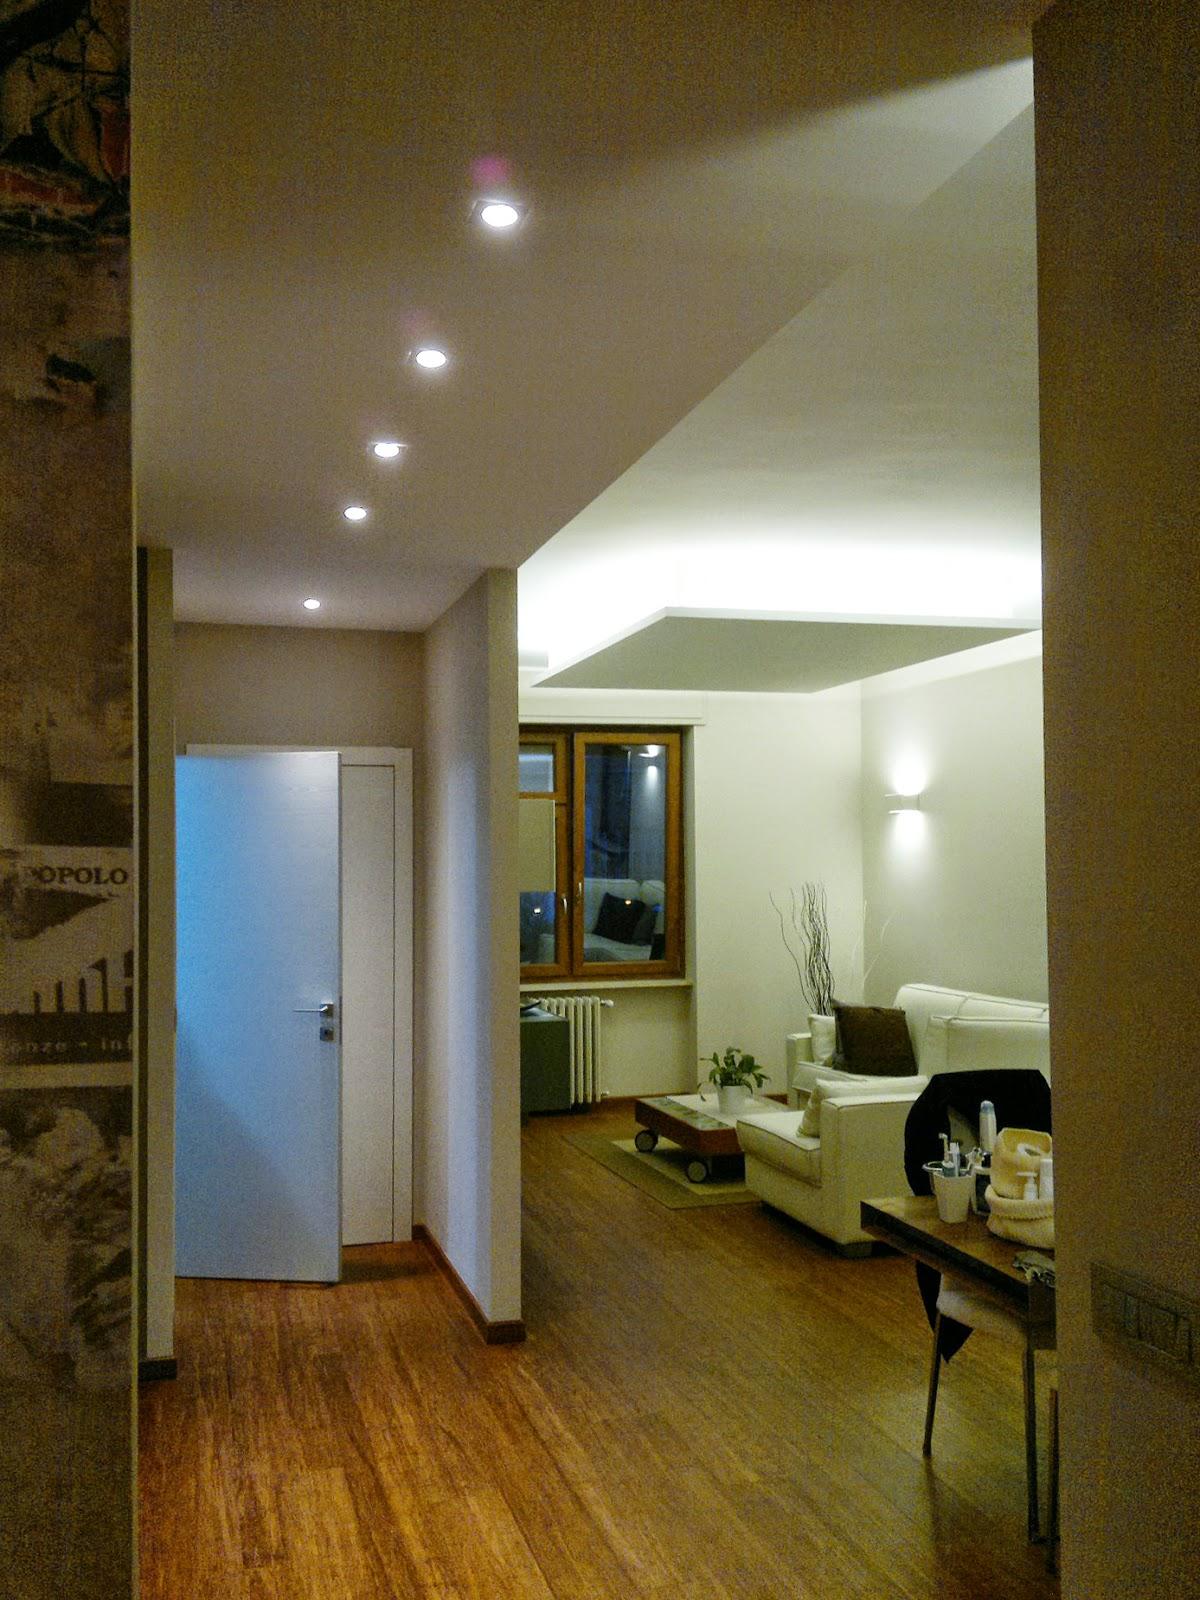 Illuminazione Corridoio Faretti: Galleria immagini interni energy di semenzat...